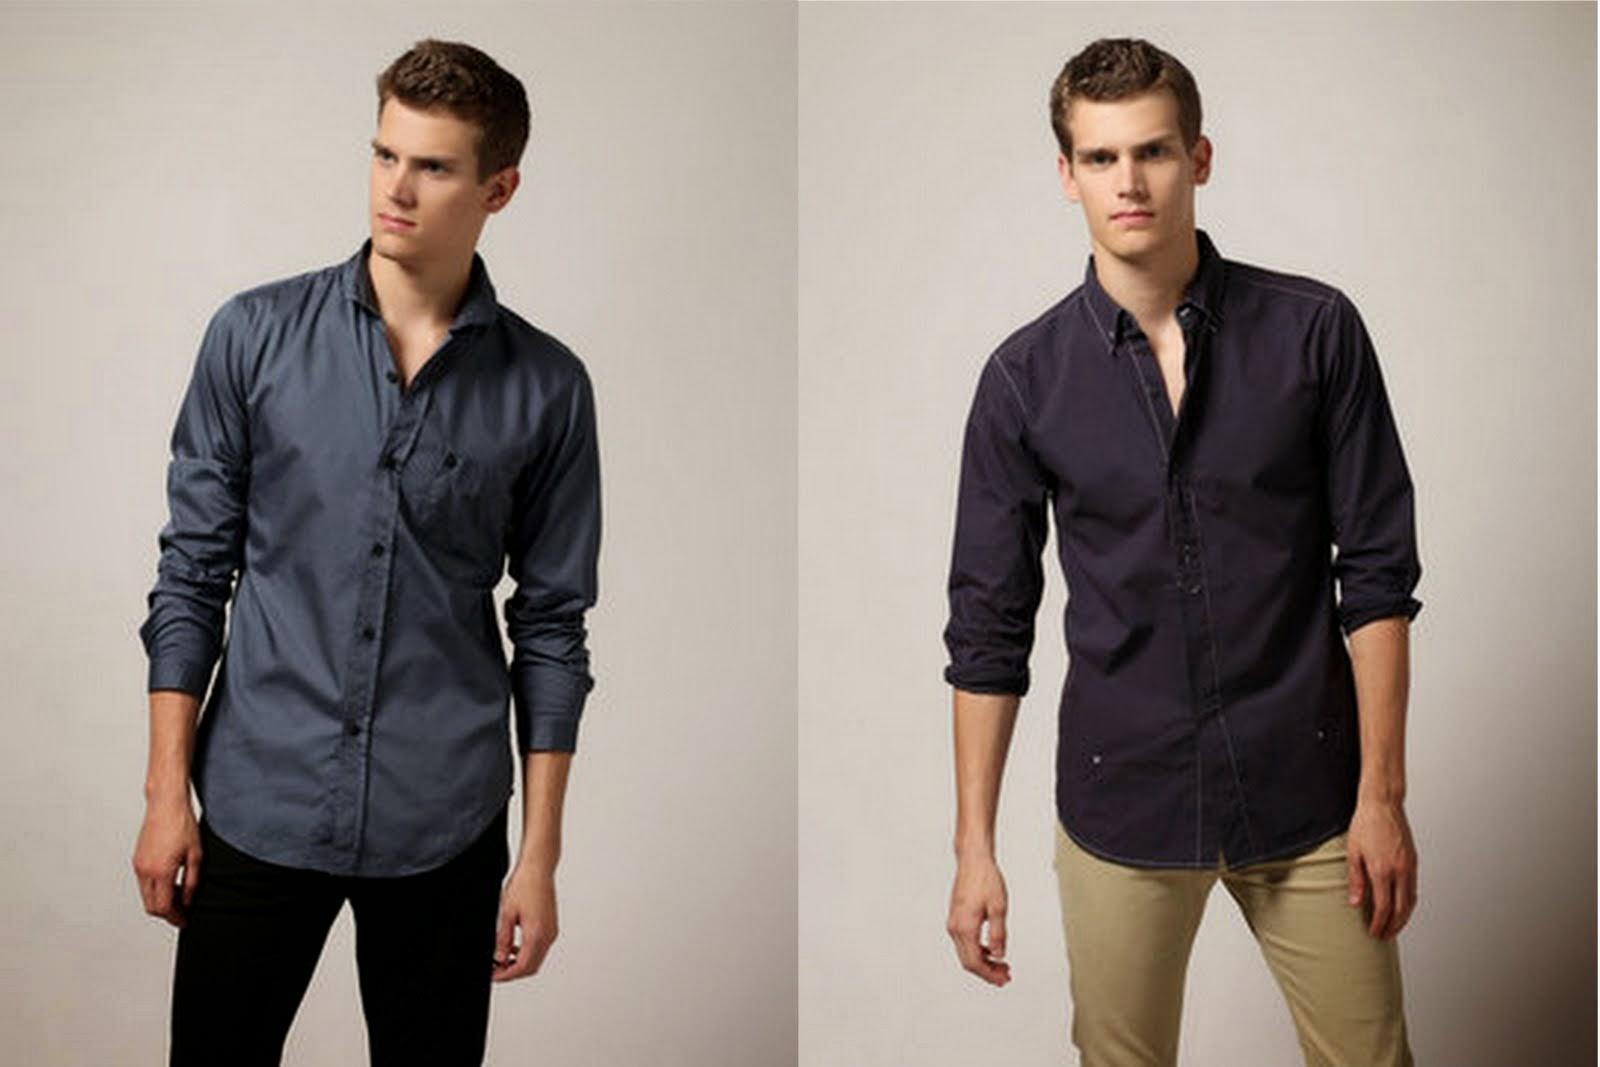 75f0159ac Dress code masculino  qual tipo de traje certo para cada ocasião